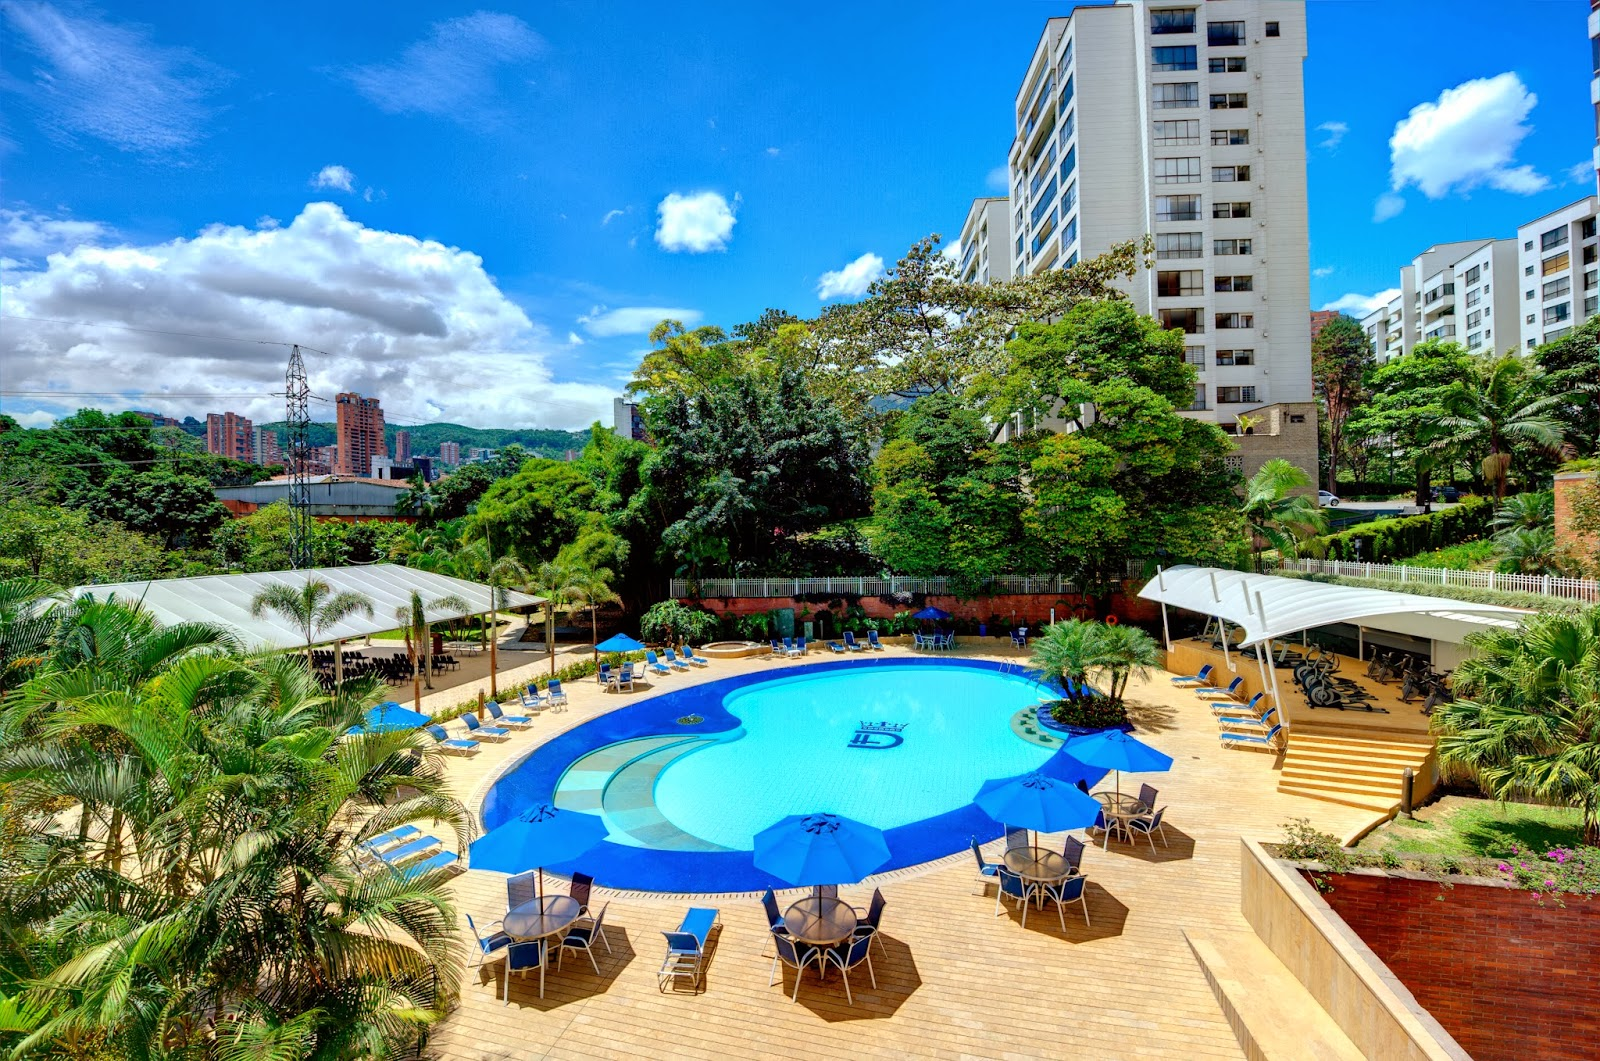 Hotel dann carlton medellin picsina for Hoteles en algeciras con piscina